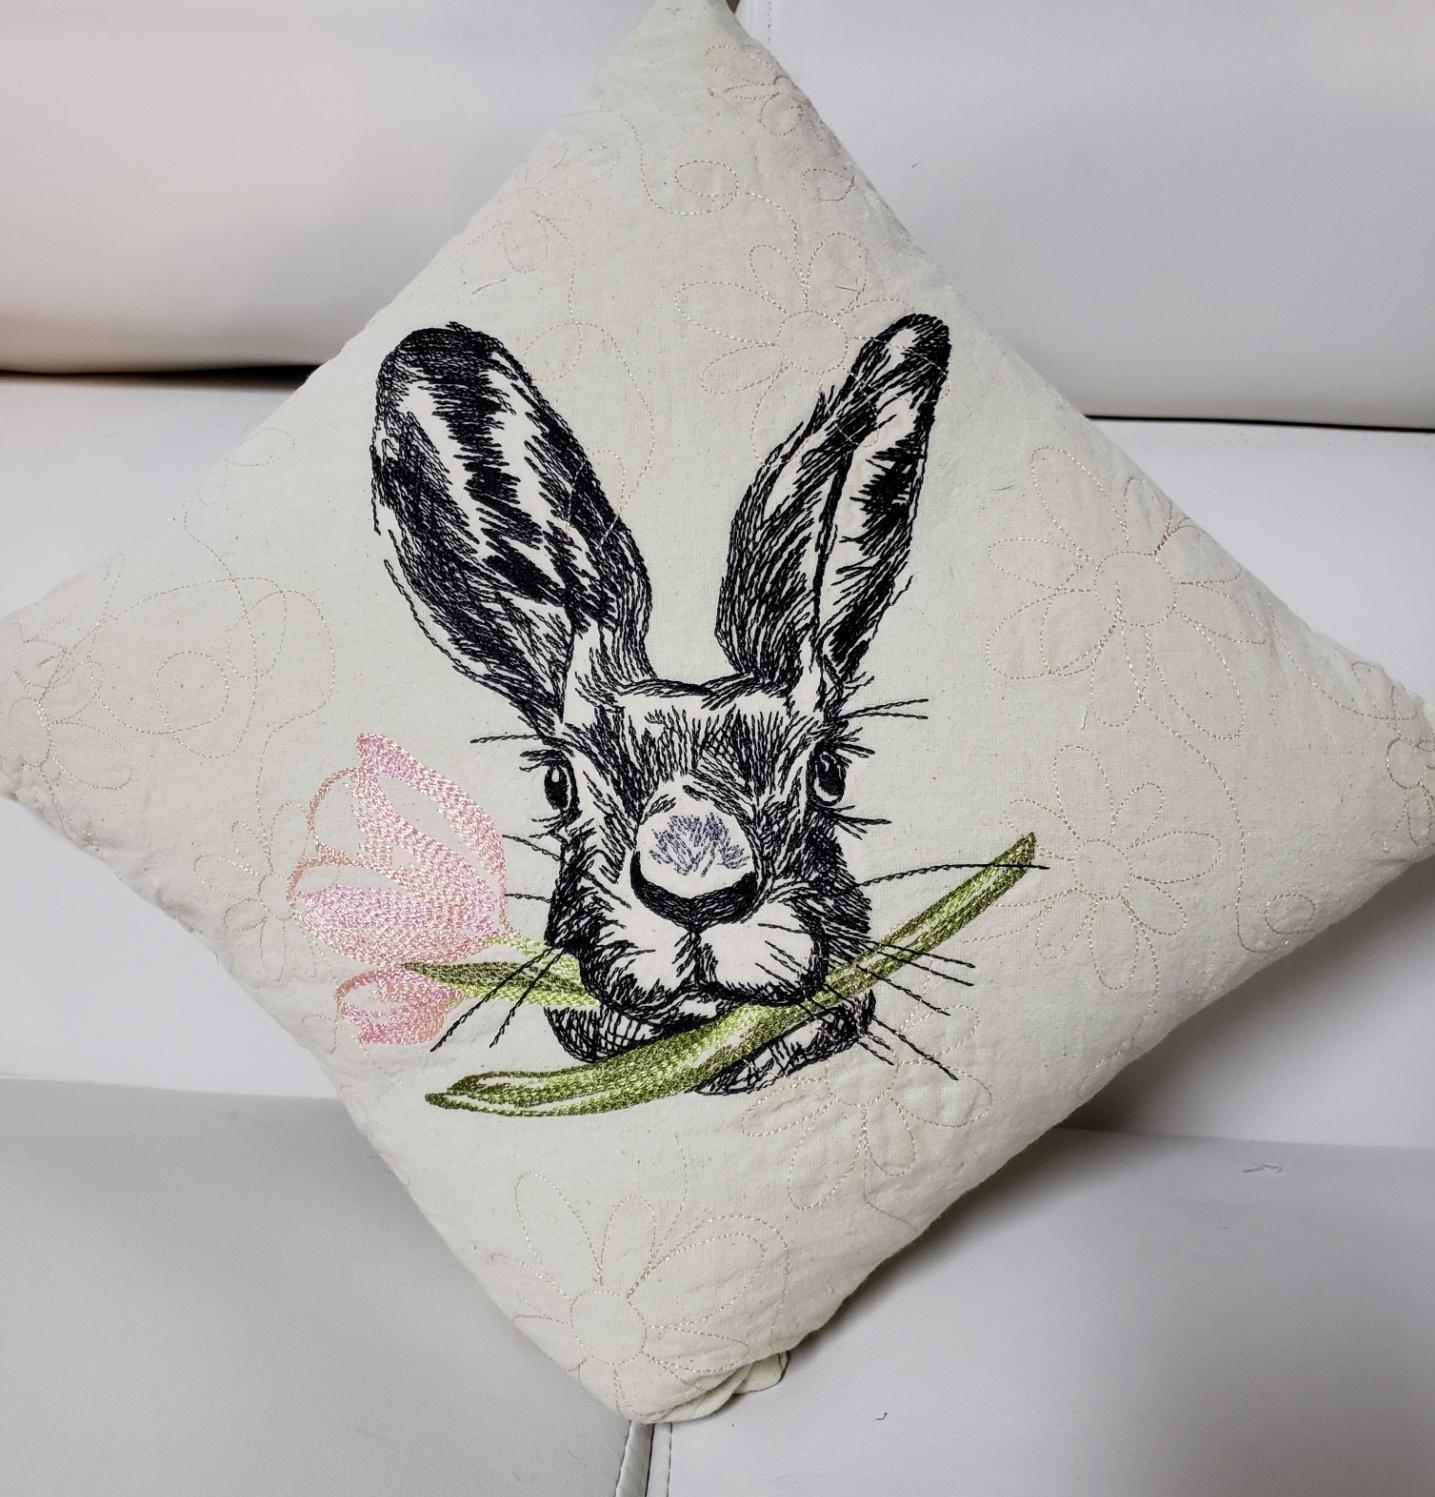 Boy Bunny 16 x 16 chshion